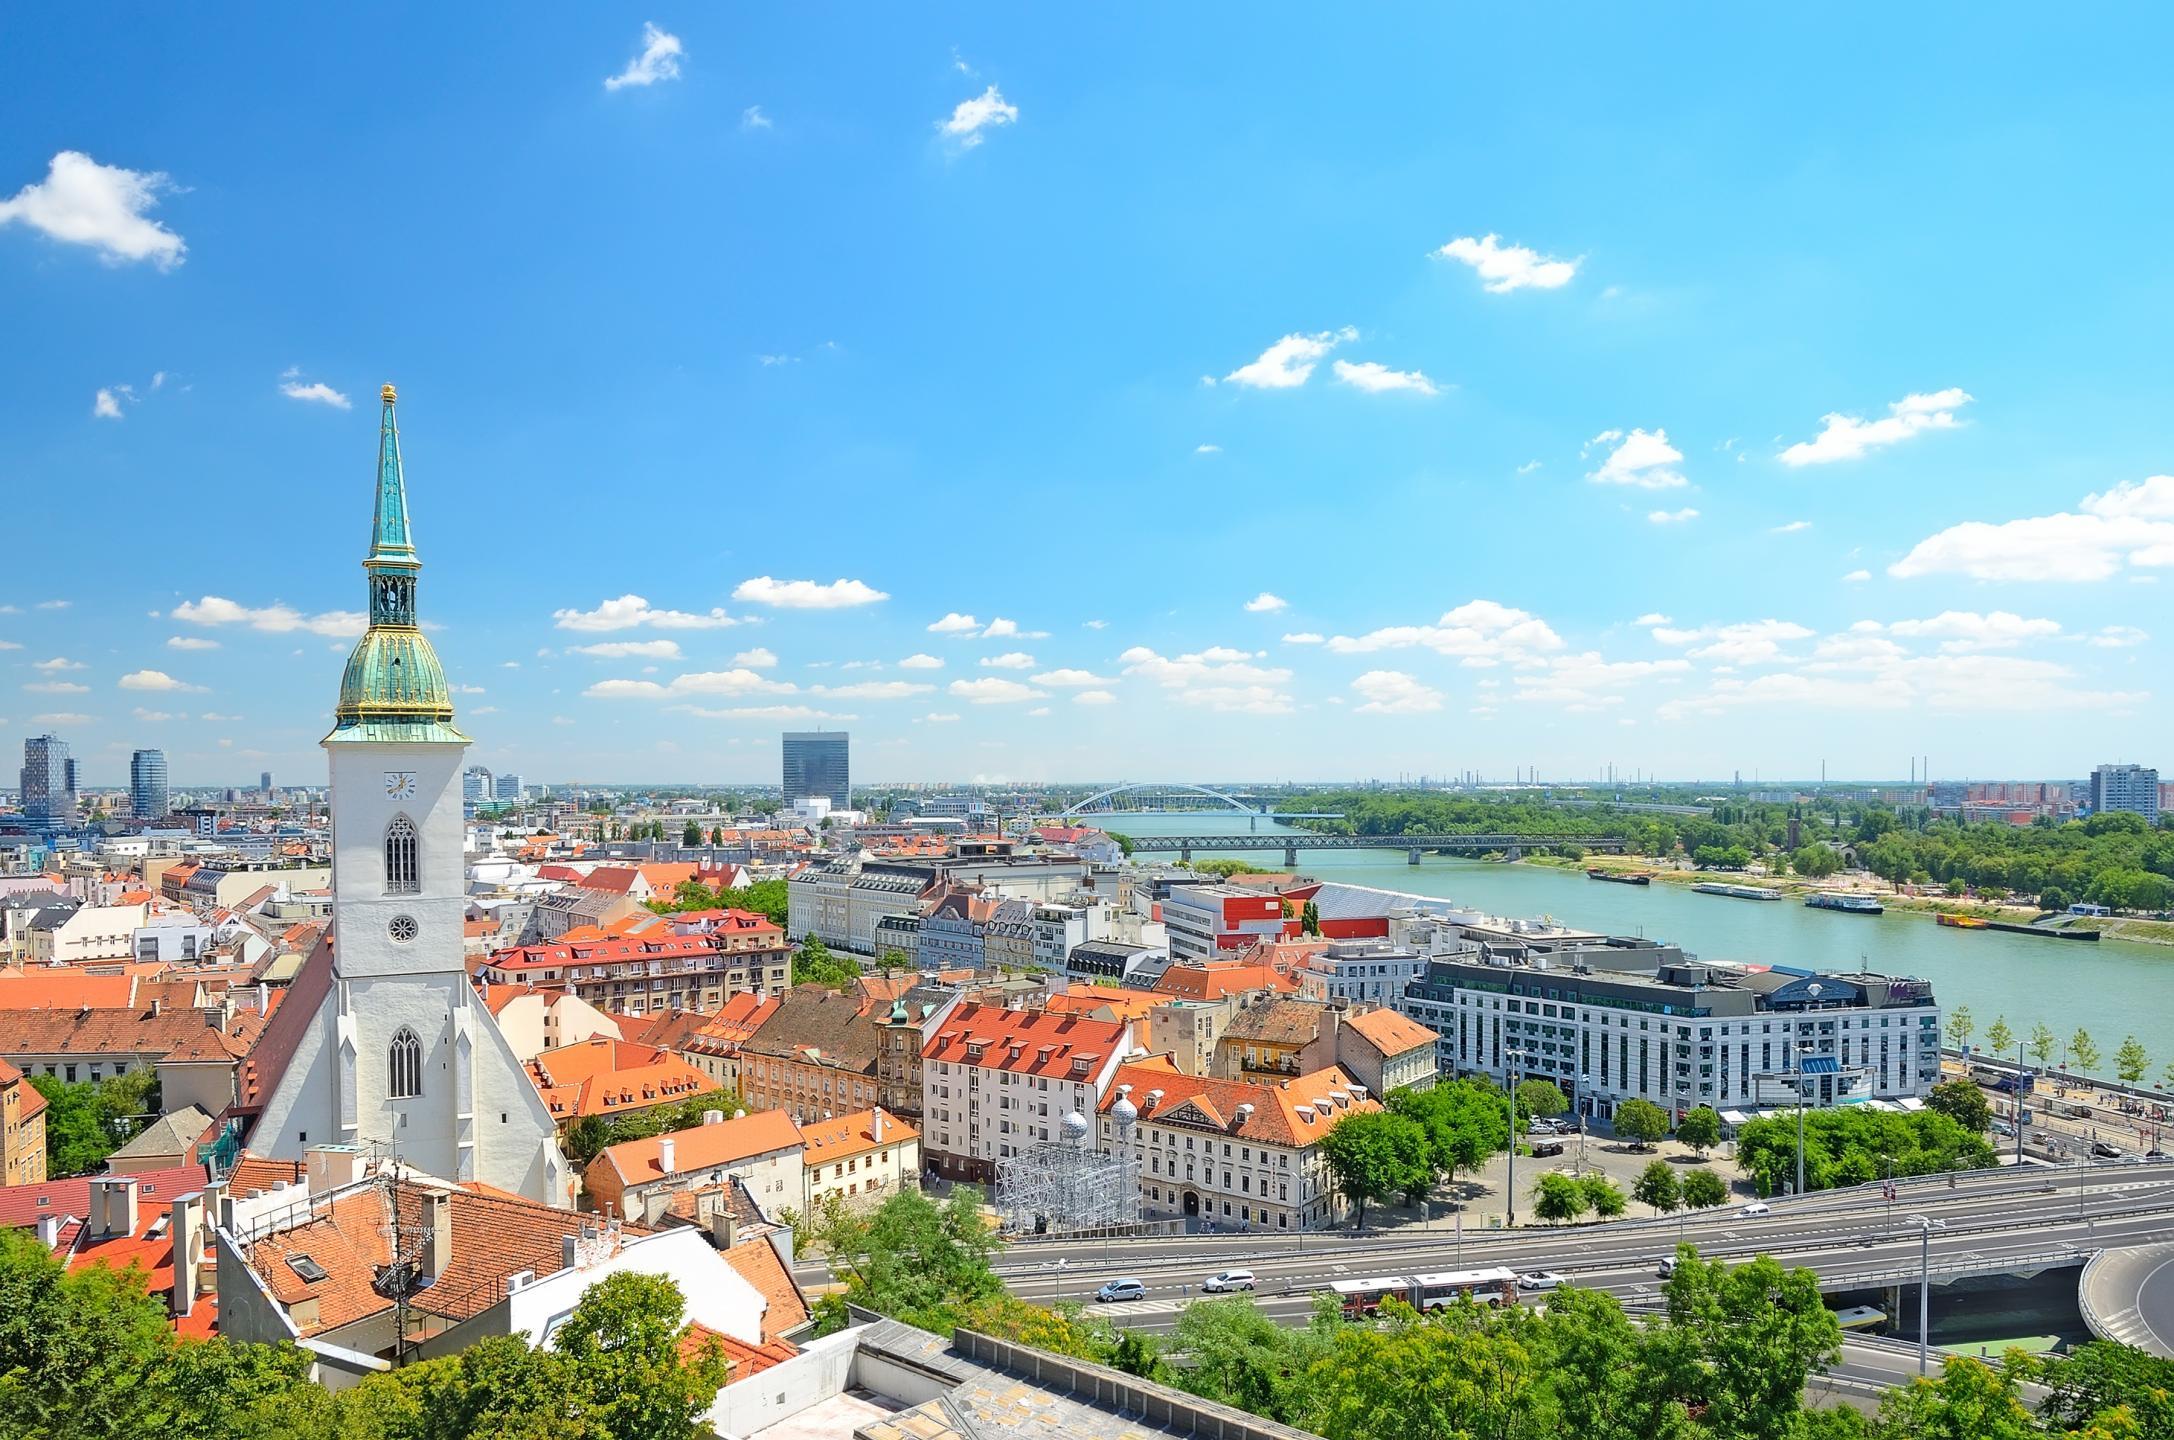 Словакия изменила правила въезда в страну. Что изменилось